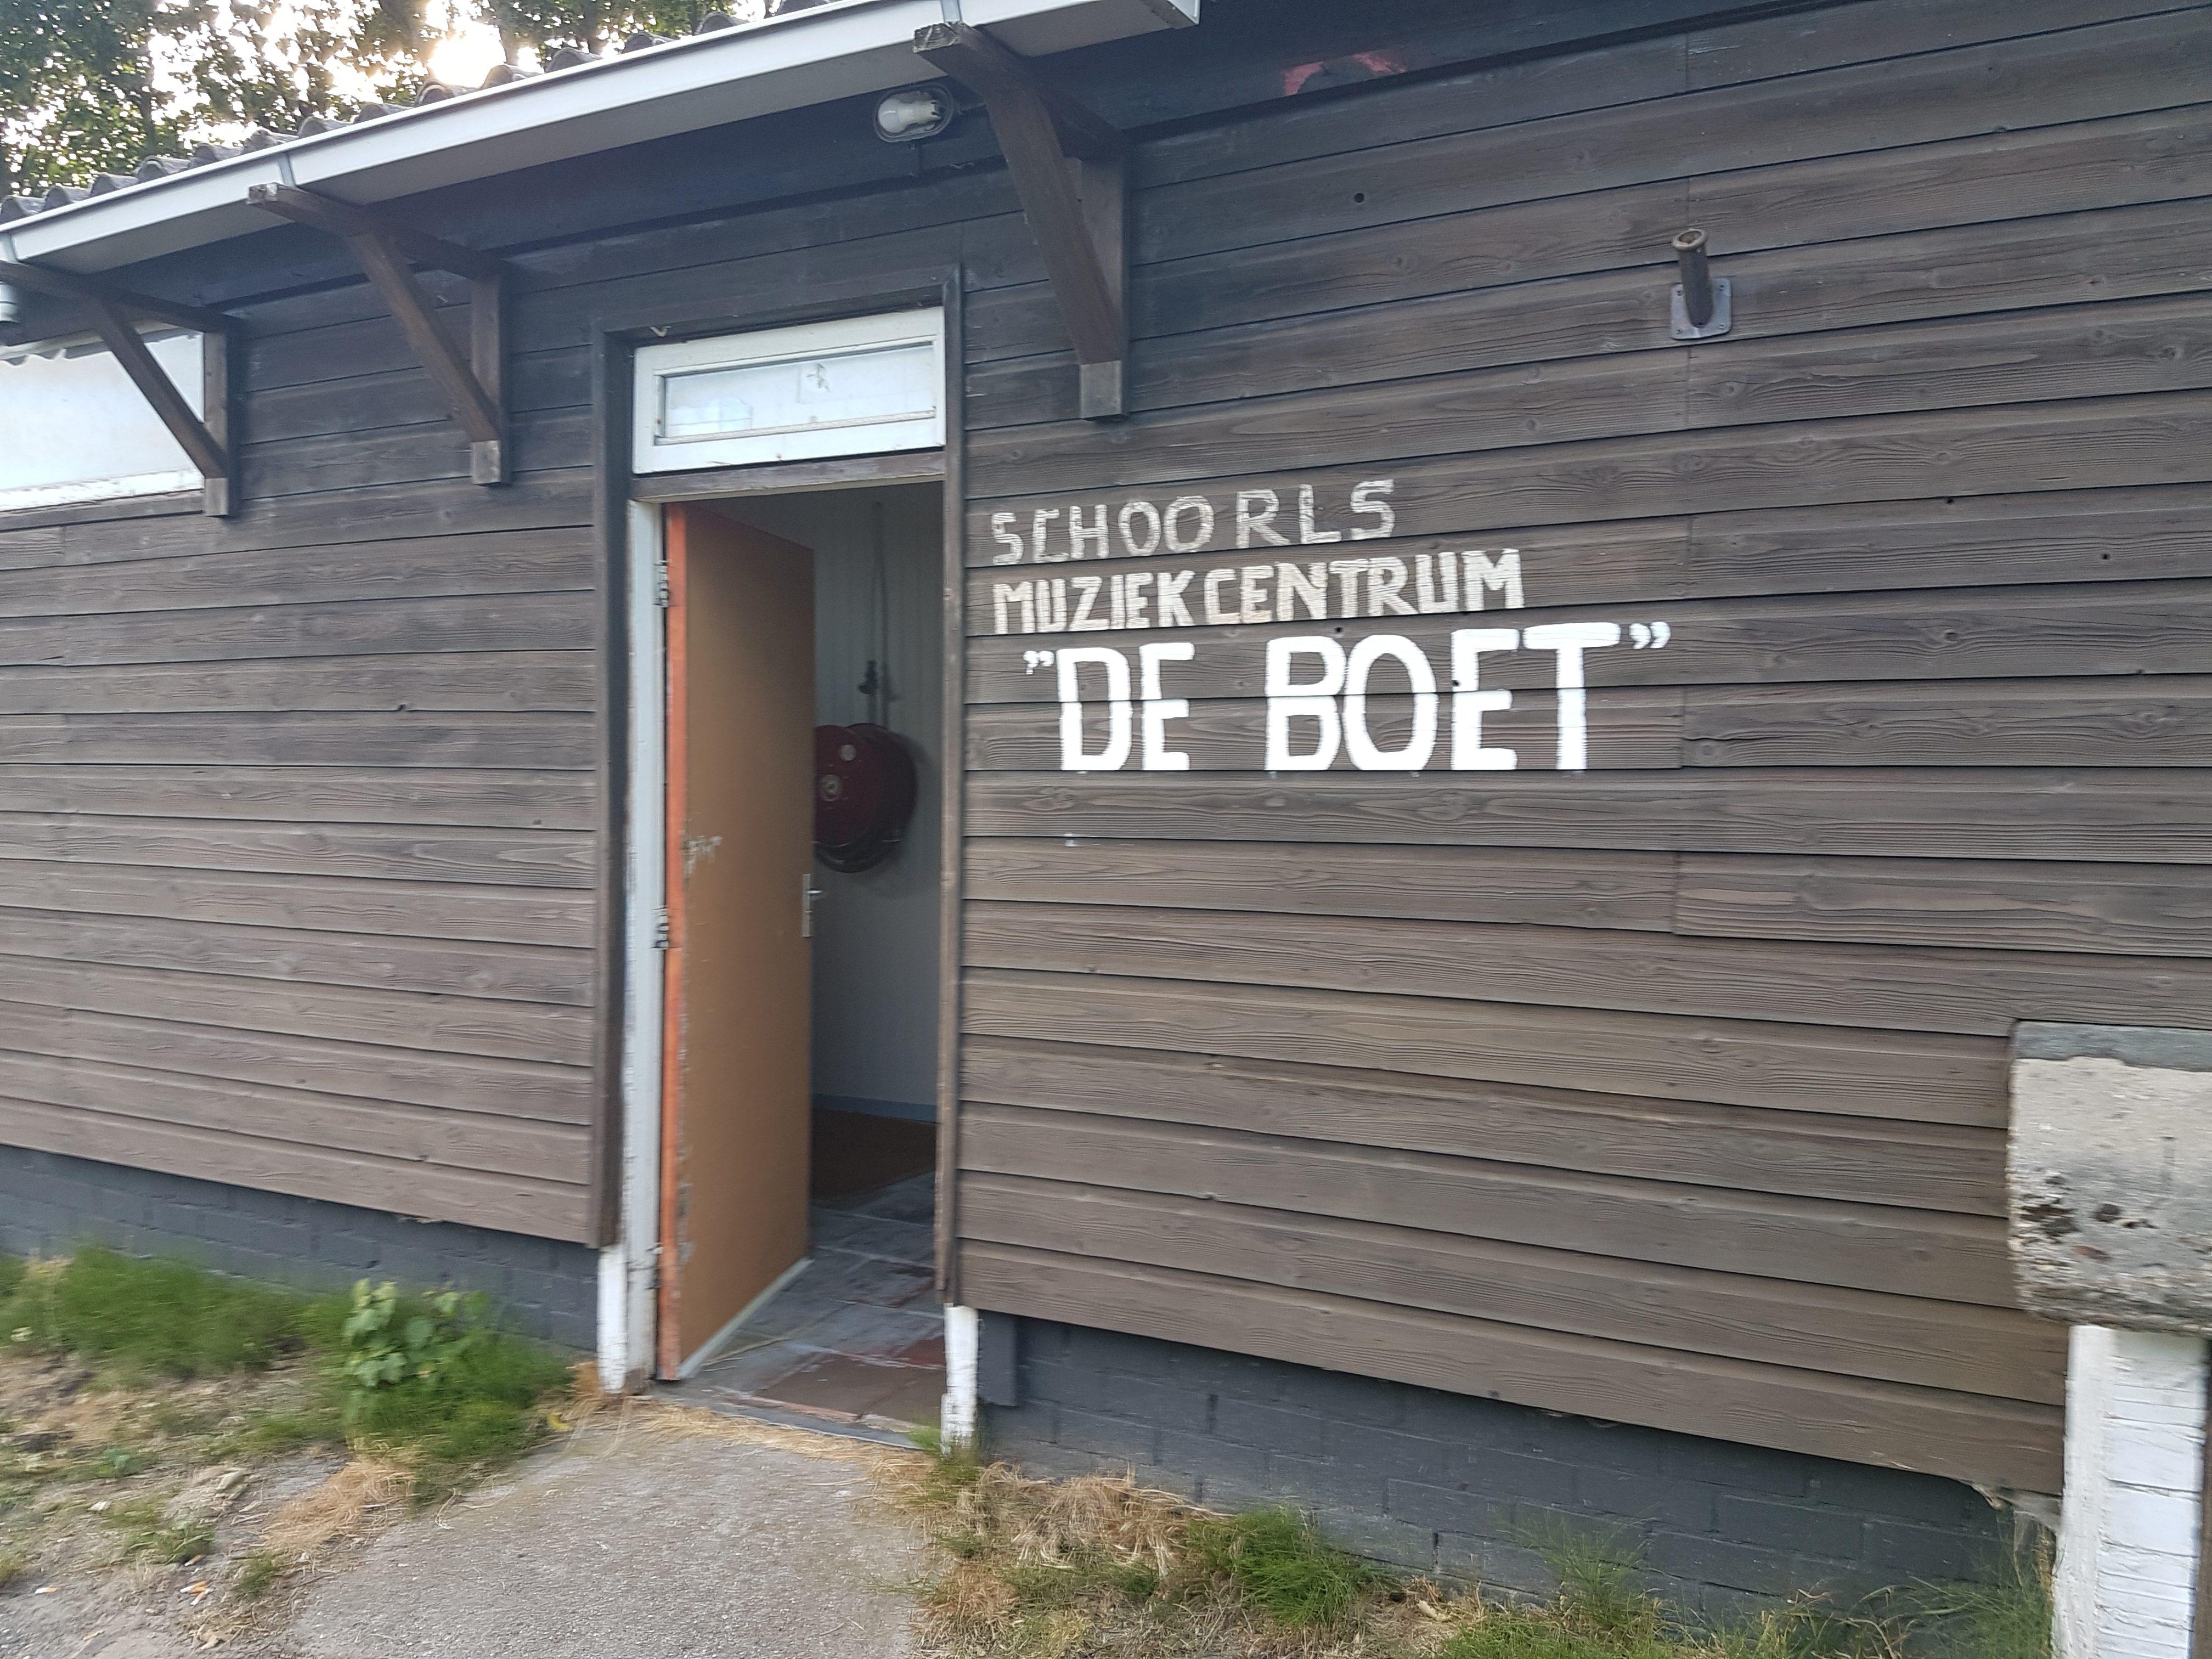 De Boet, Schoorl